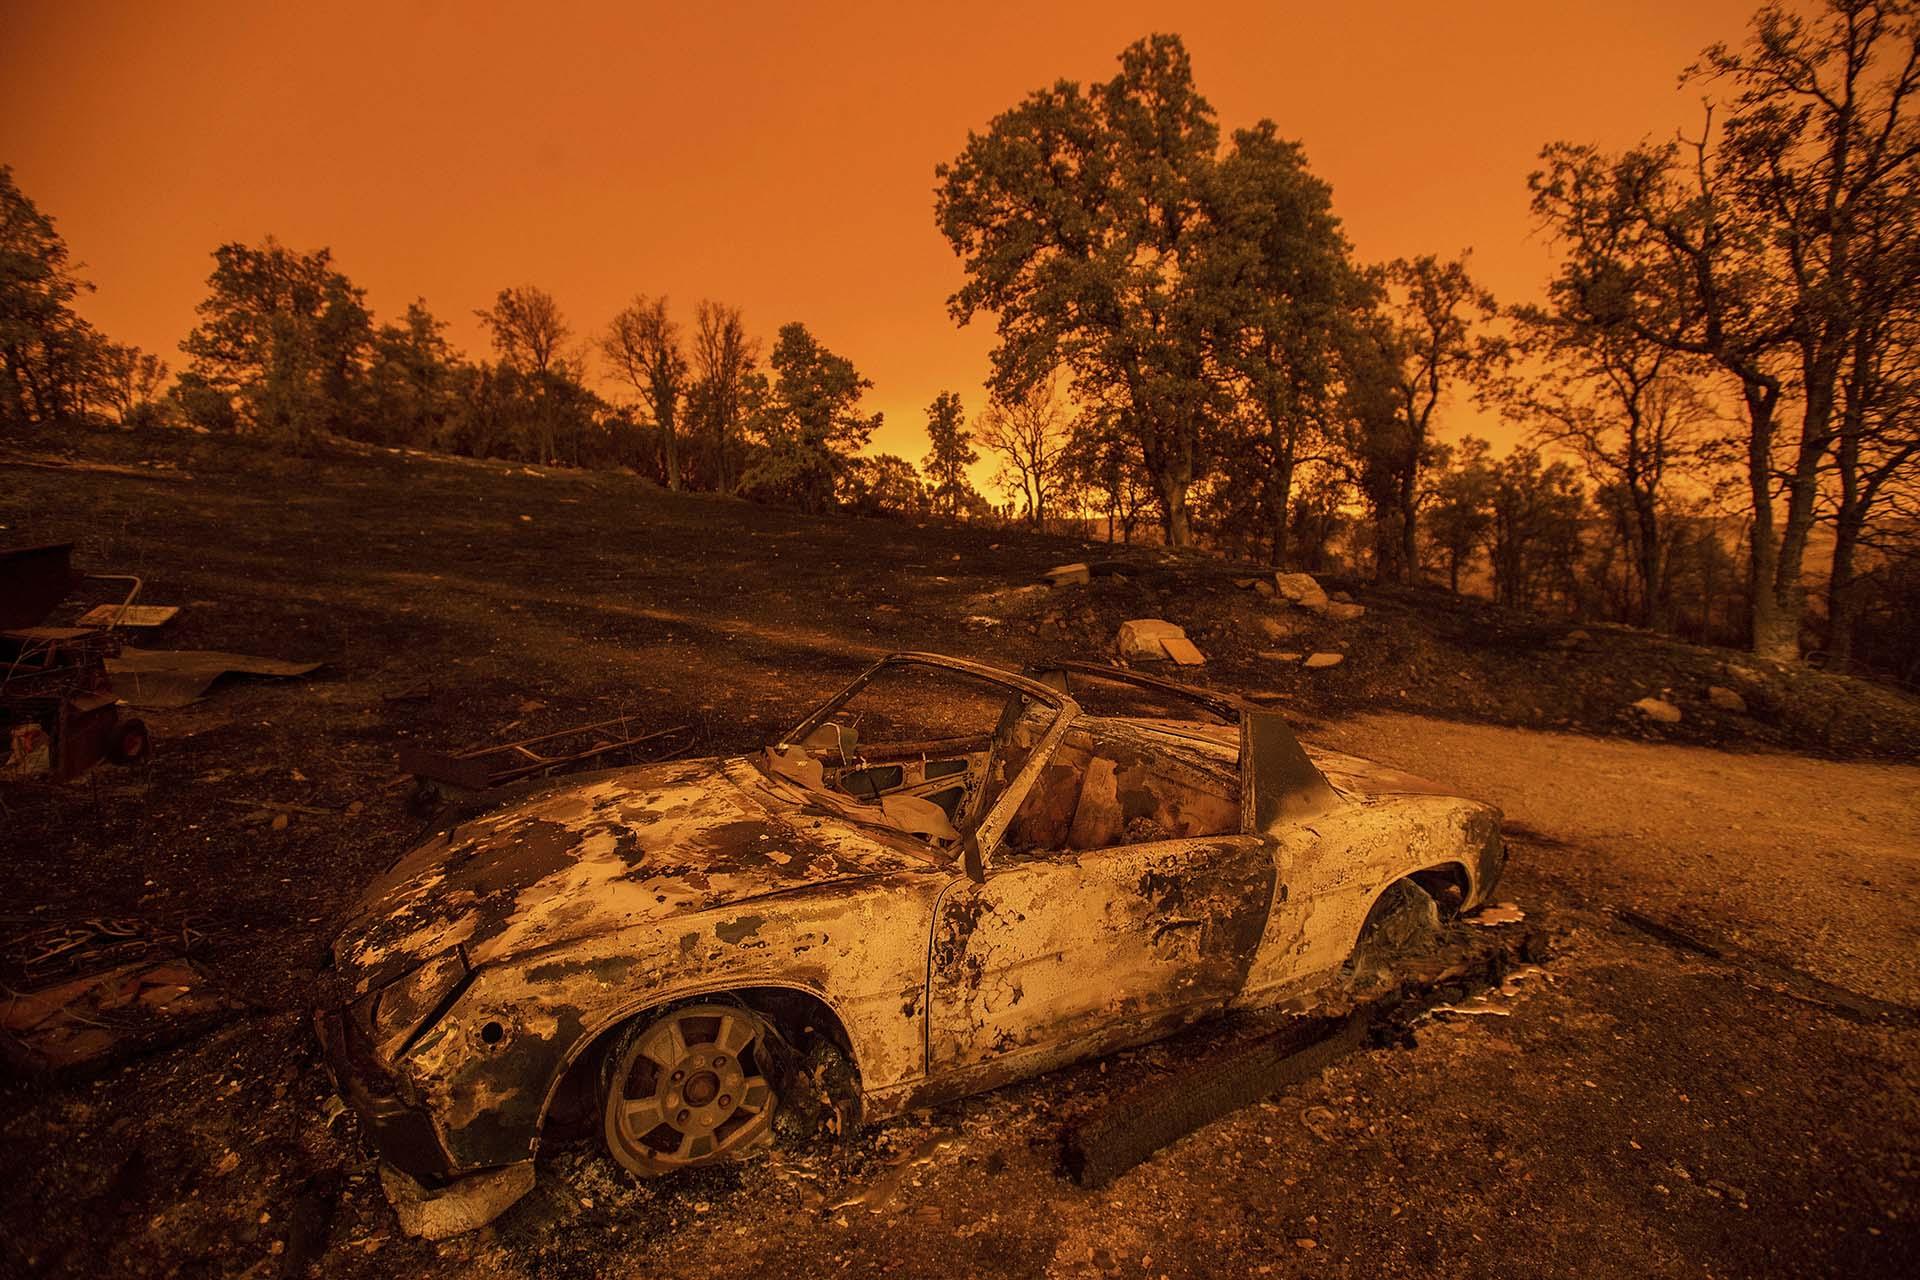 """En estos momentos hay cerca de veinte incendios de importancia ardiendo en California, entre los que preocupan, especialmente, el fuego """"Carr"""", que ha arrasado 70.200 hectáreas; y el de """"Ferguson"""", que ha destruido 37.000 hectáreas"""